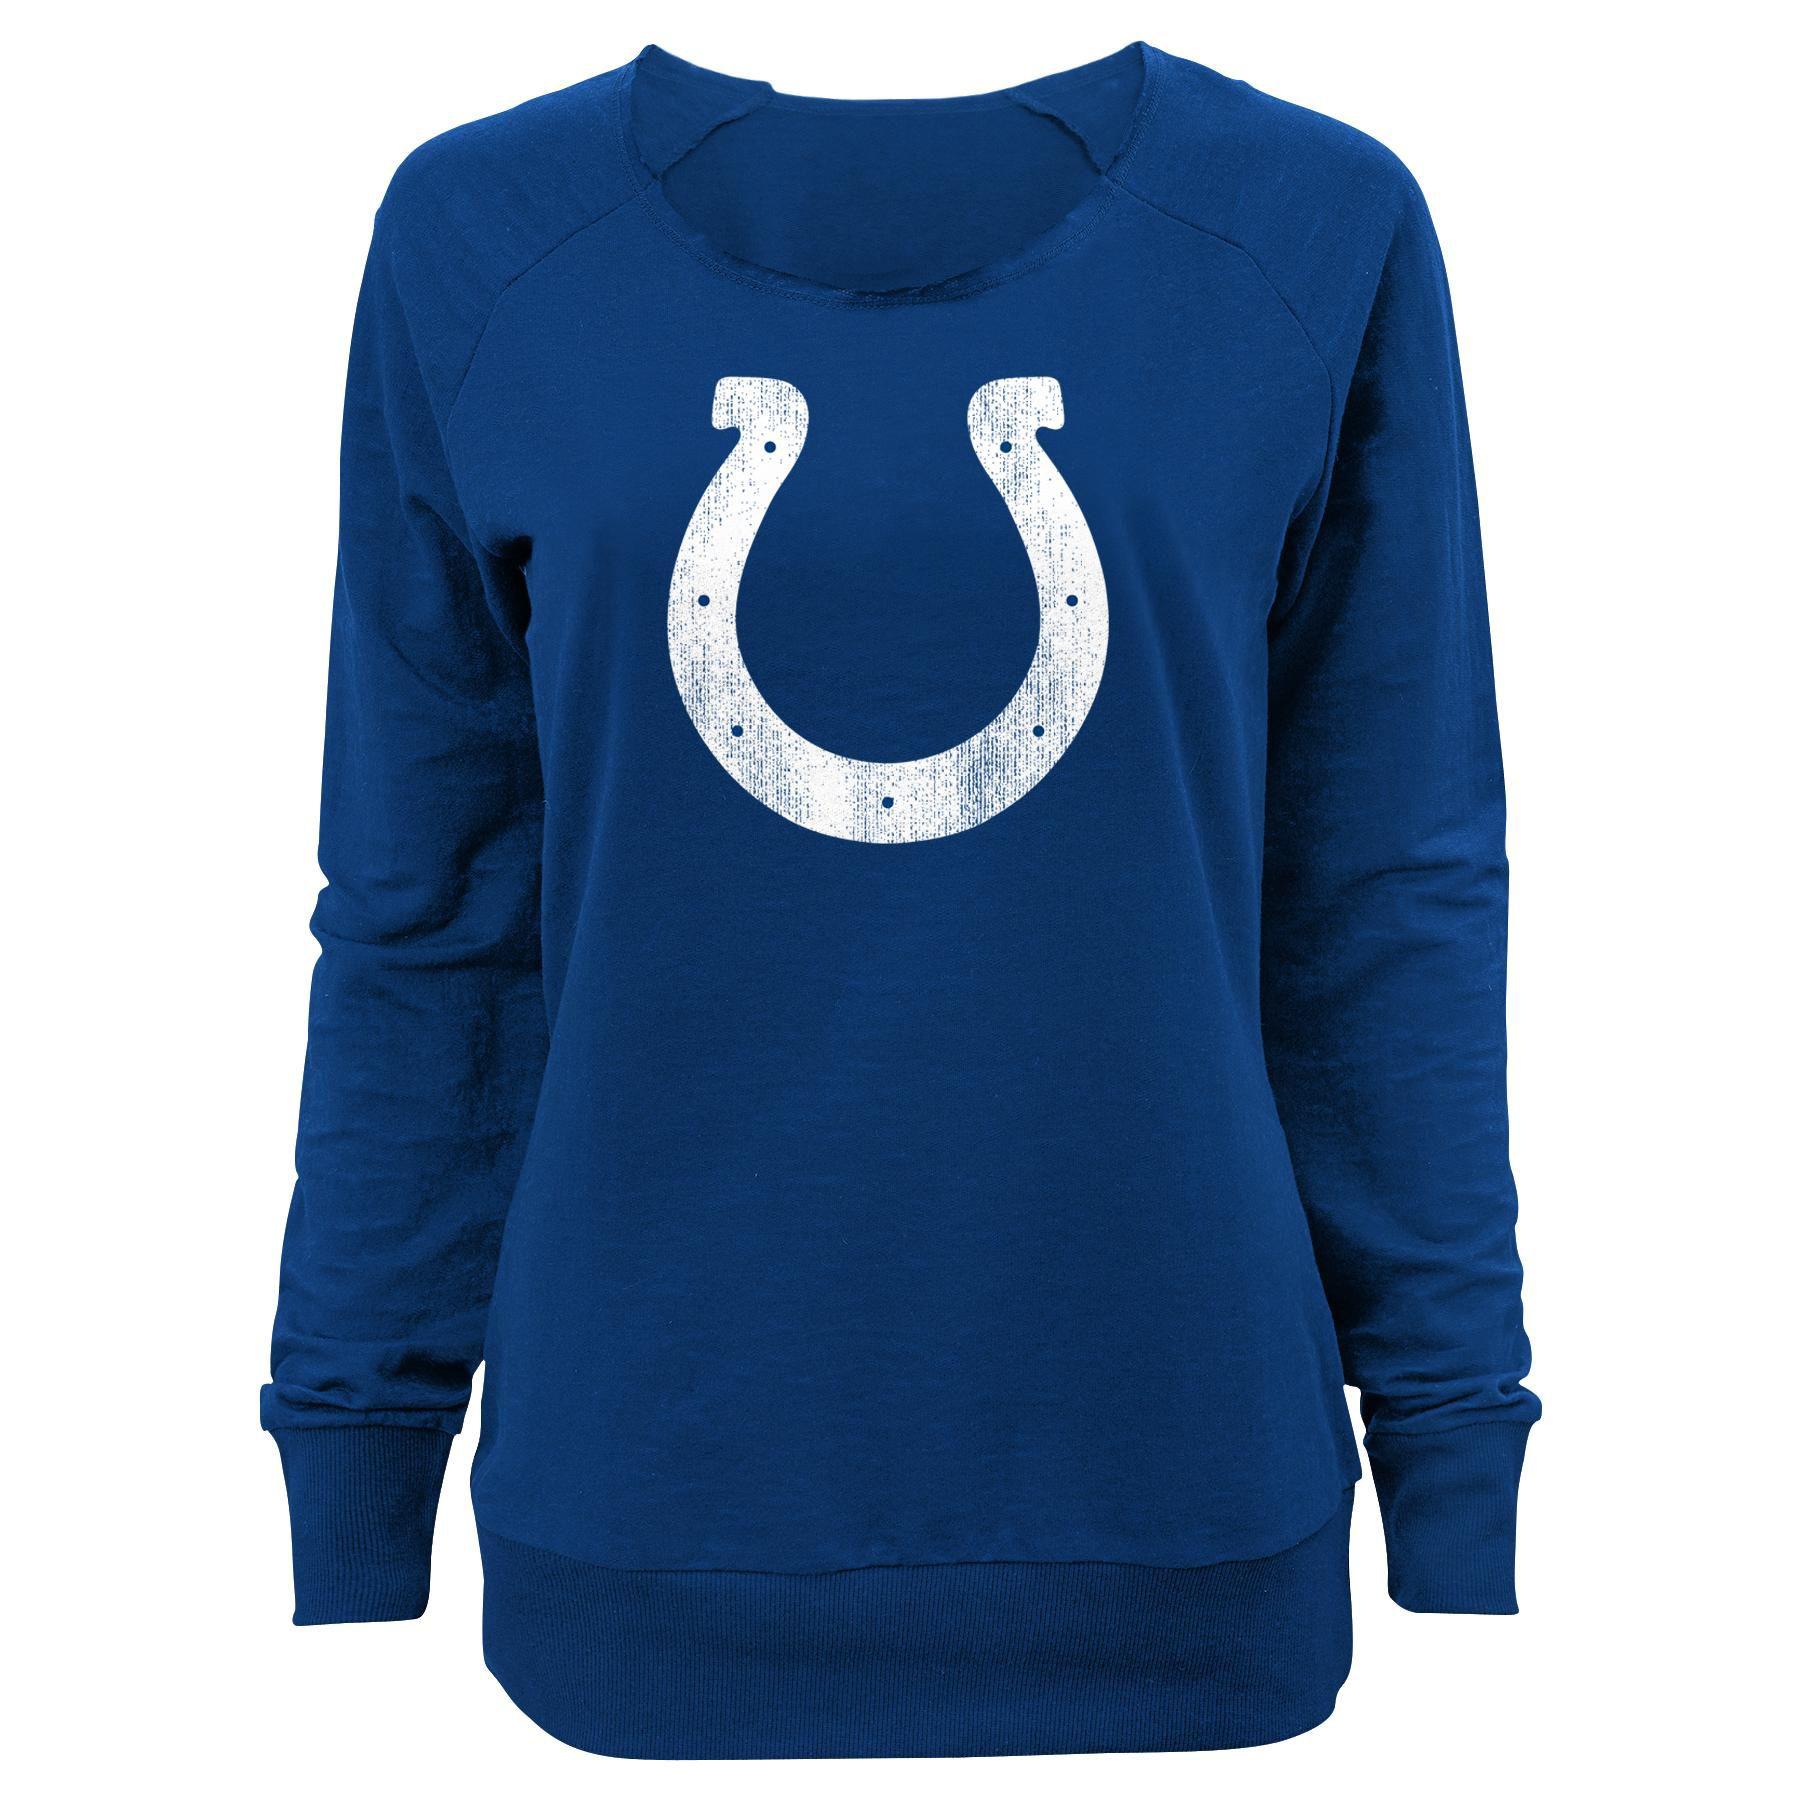 Juniors Indianapolis Colts Off-Shoulder Sweatshirt